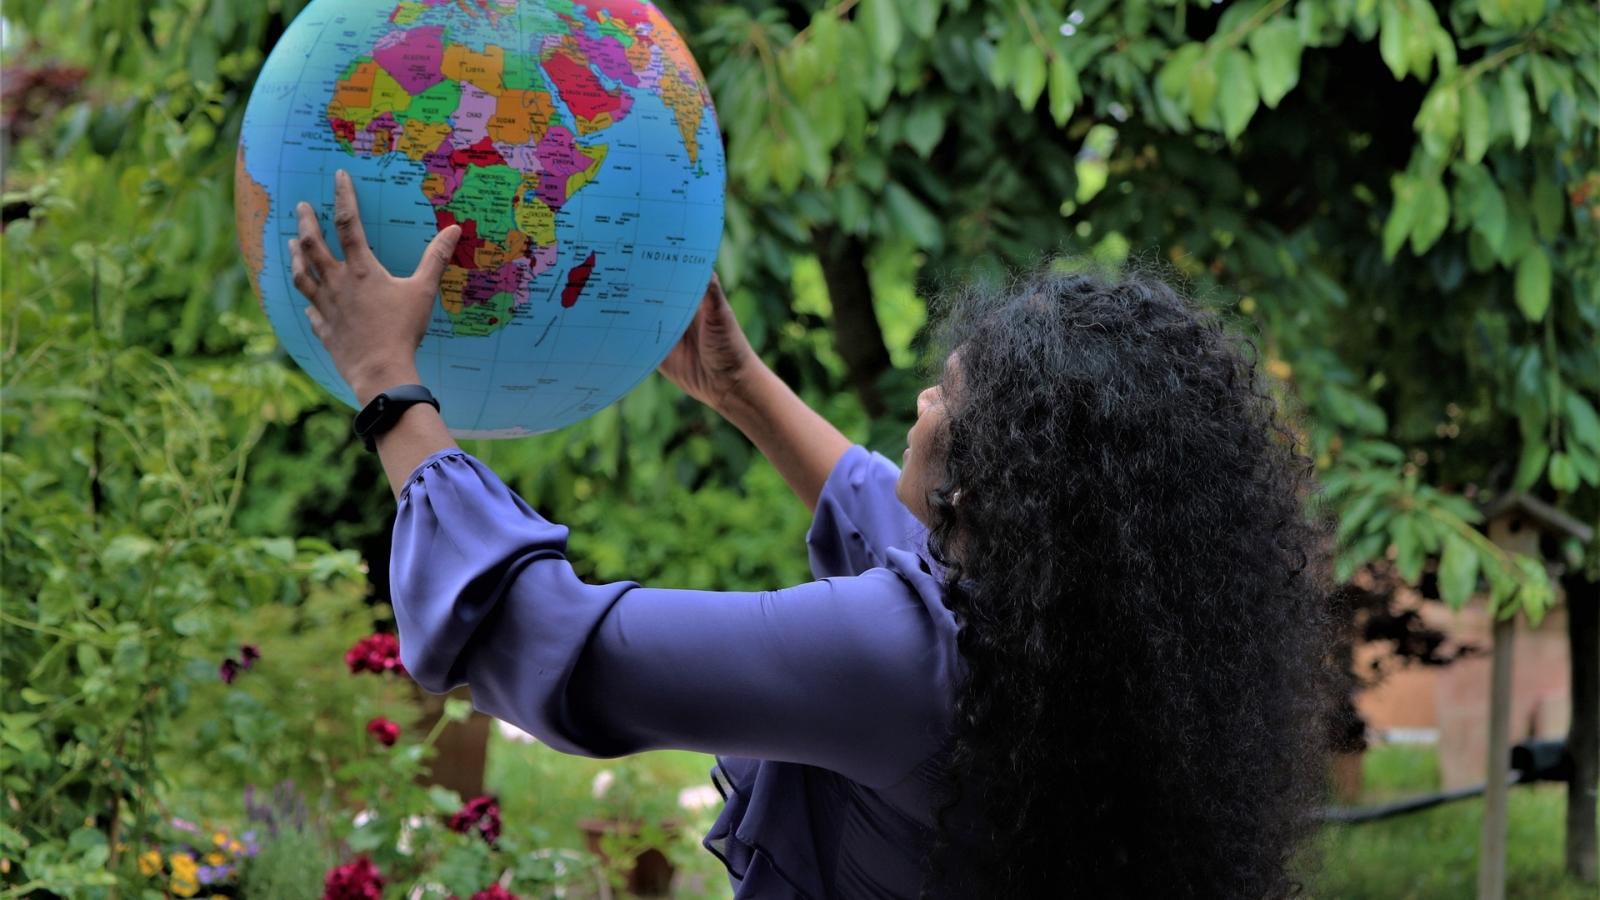 Hvem tar vare på verden og miljøet?